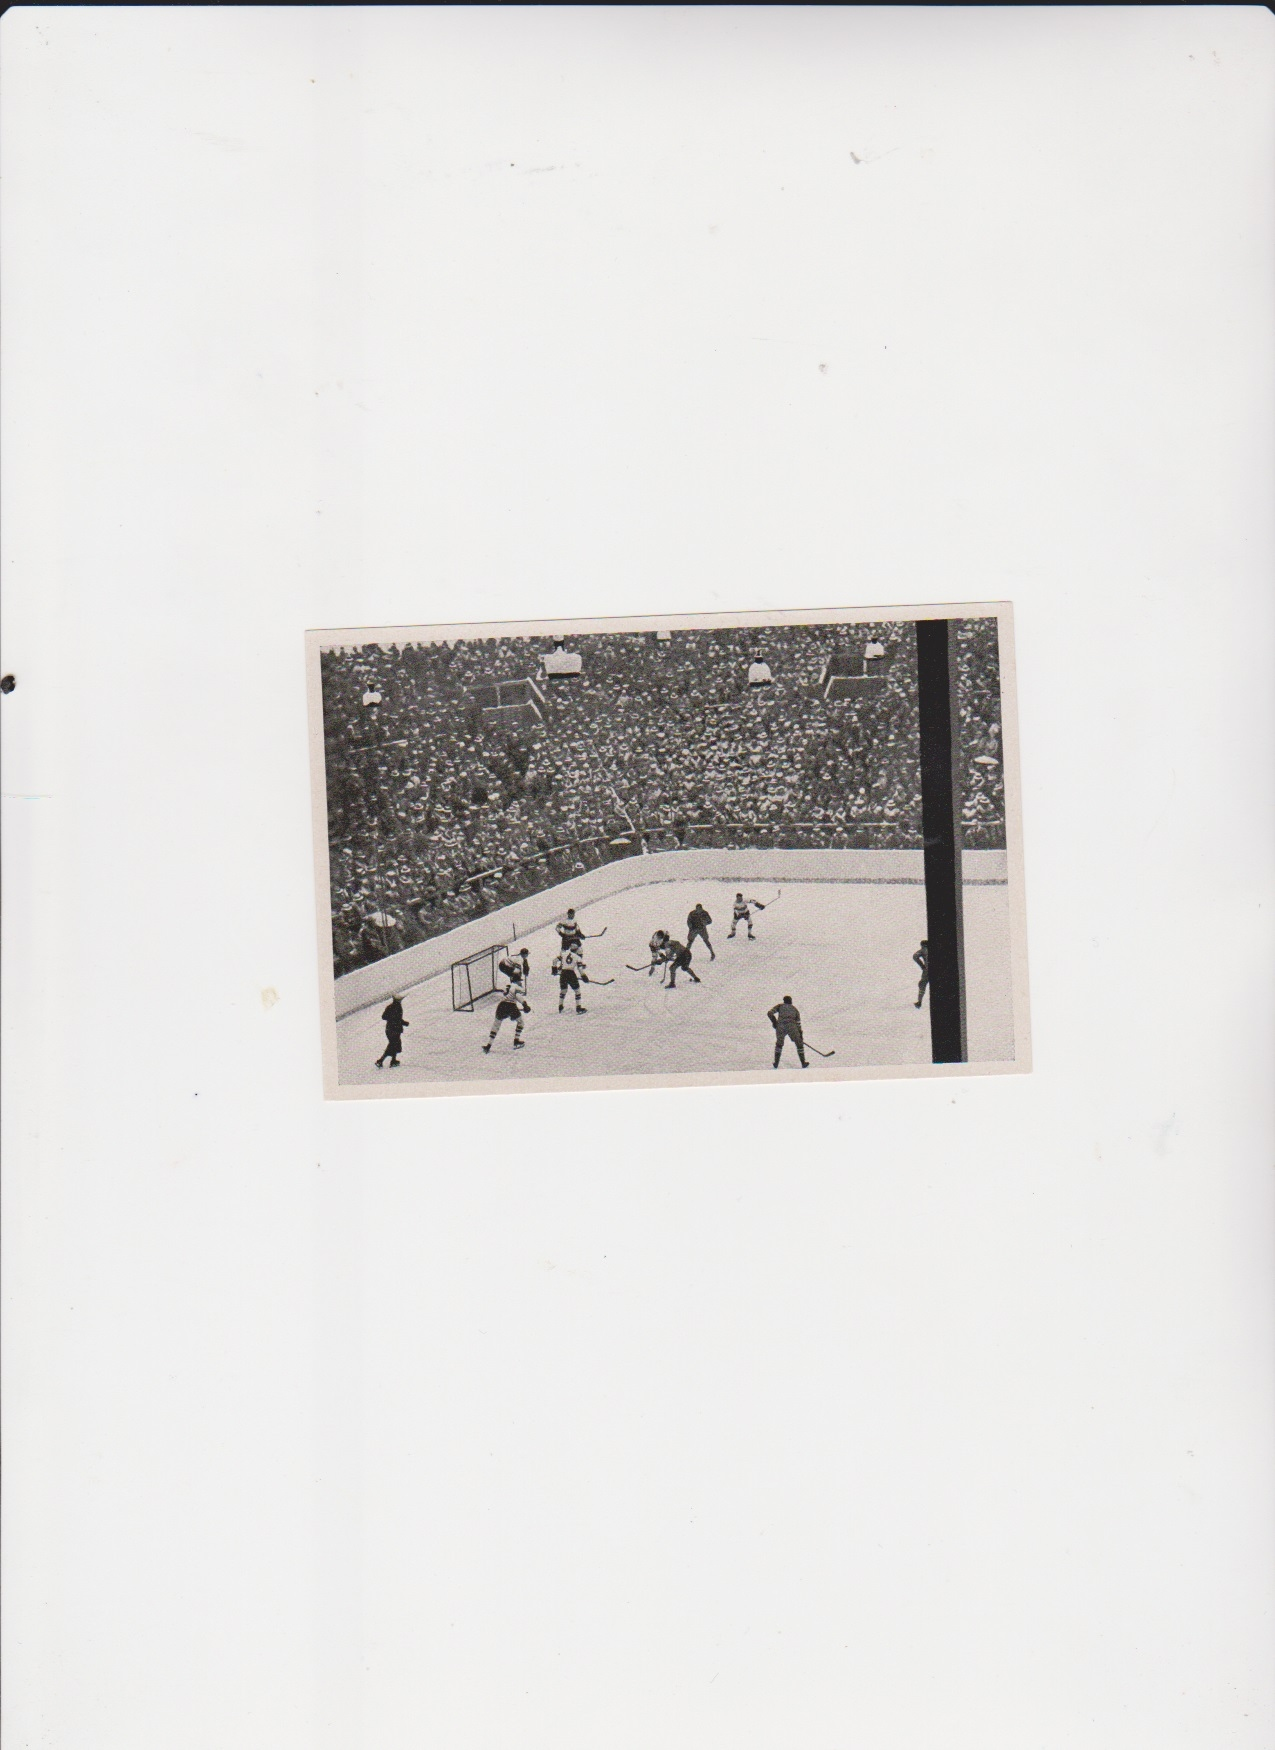 zdjęcia 1936 rok, igrzyska olimpijskie